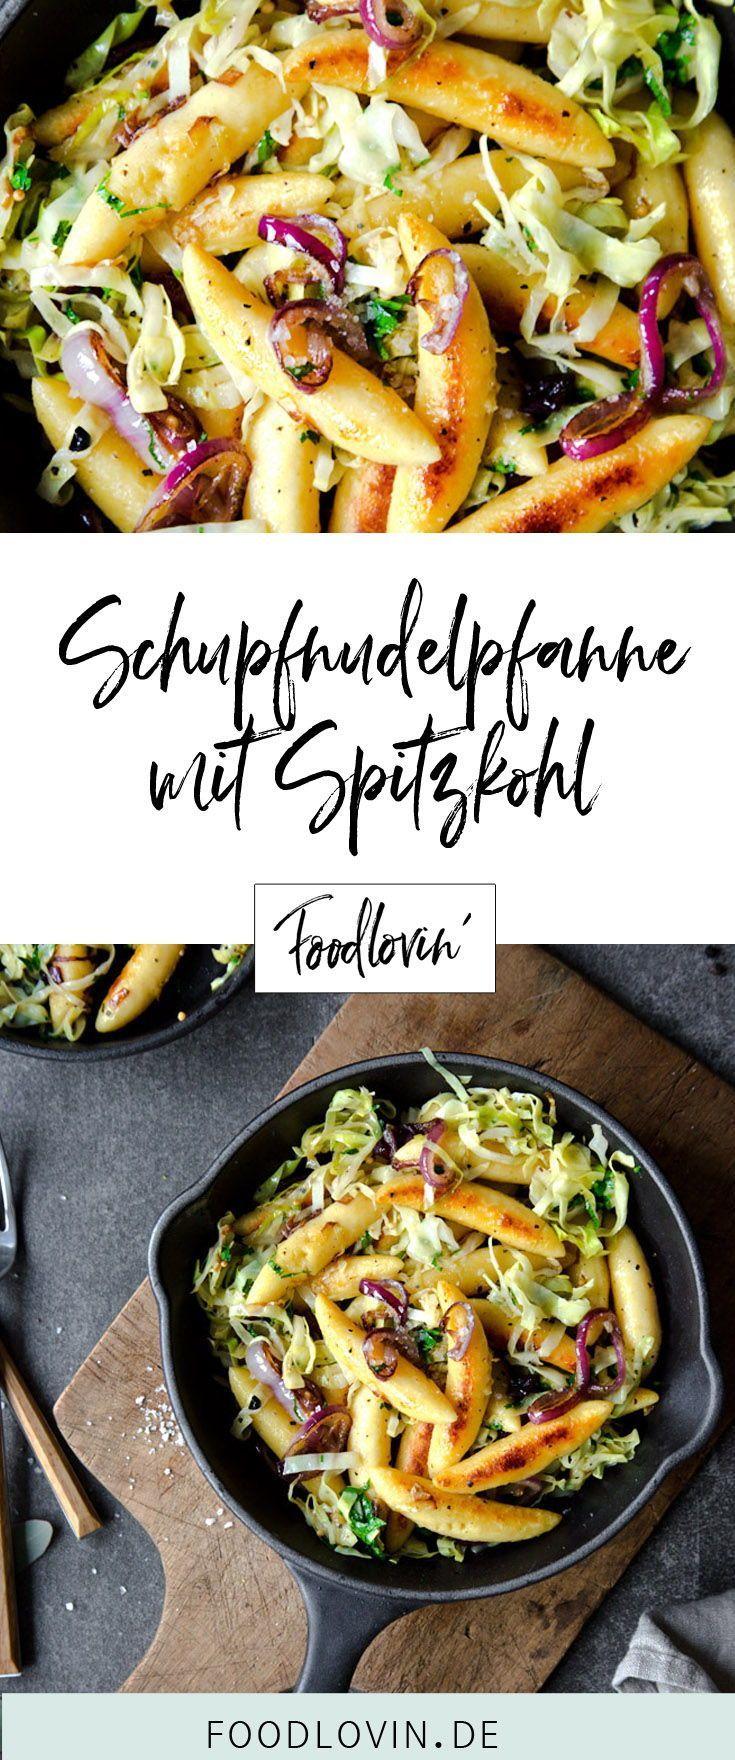 Schupfnudelpfanne mit Spitzkohl. – emmikochteinfach – einfache Rezepte: Kochen, Backen für Familie und Alltag